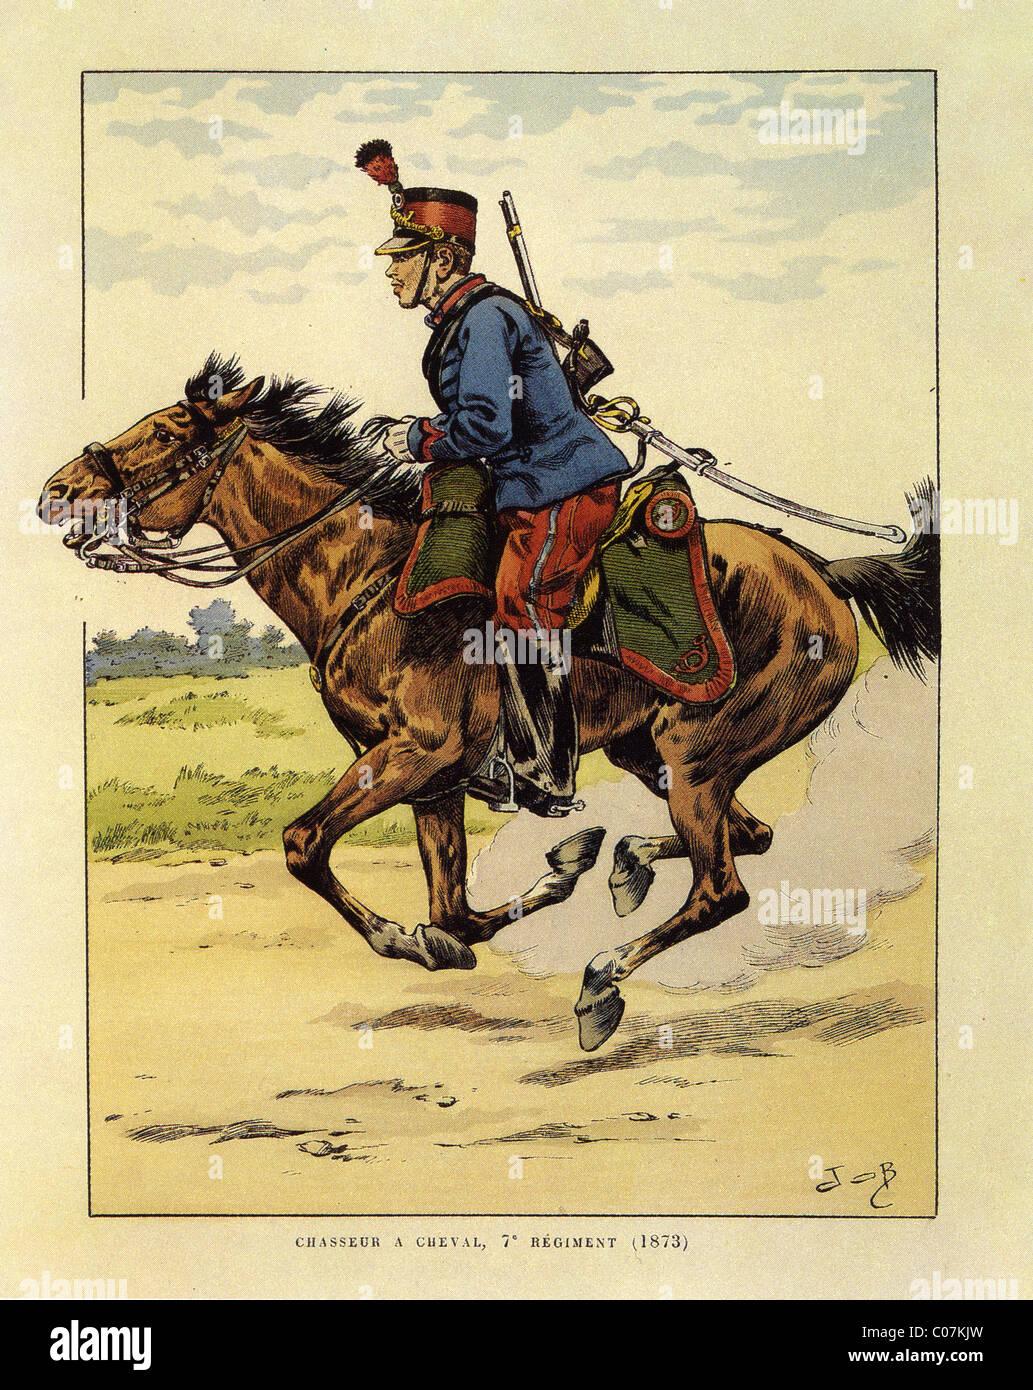 JOB (Jacques Onfroy de Breville) - French illustrator (1858 - 1931) Chasseur à cheval, 7 eme régiment - Stock Image